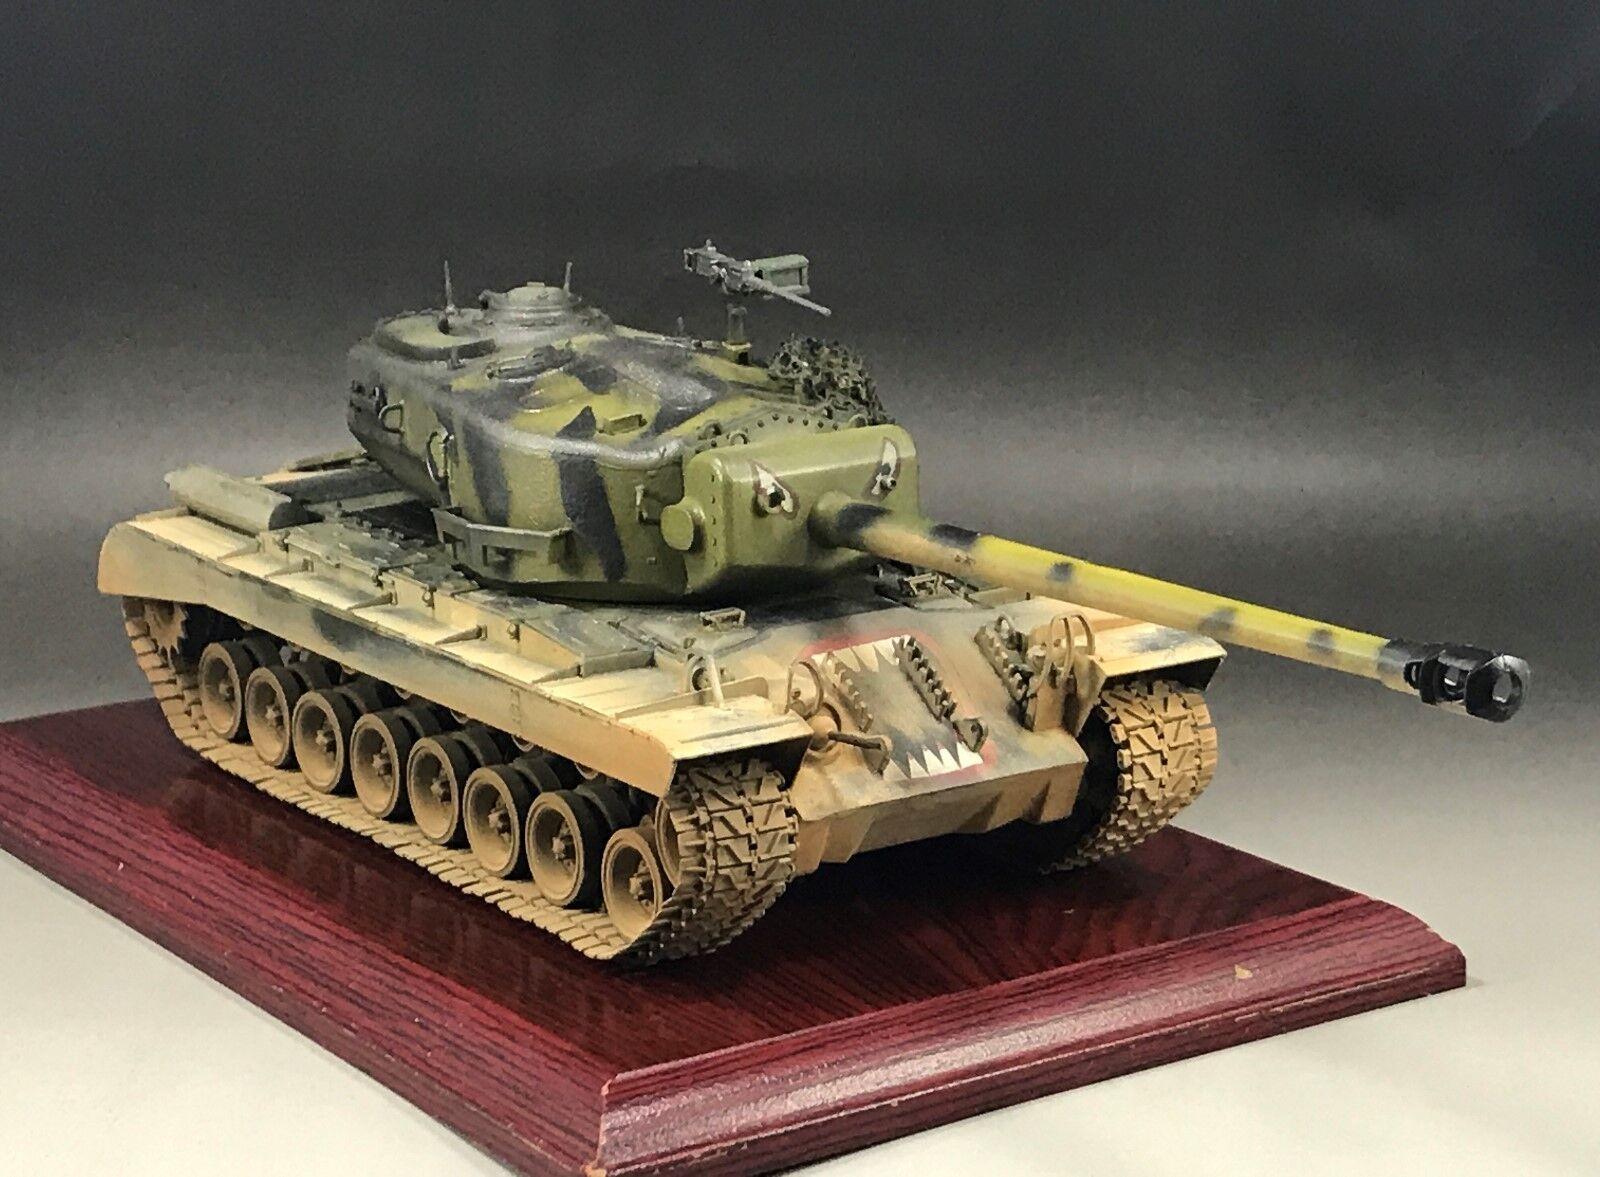 1/35 construido Hobbyboss 84510 modelo de tanque pesado T29E1 de EE. UU.